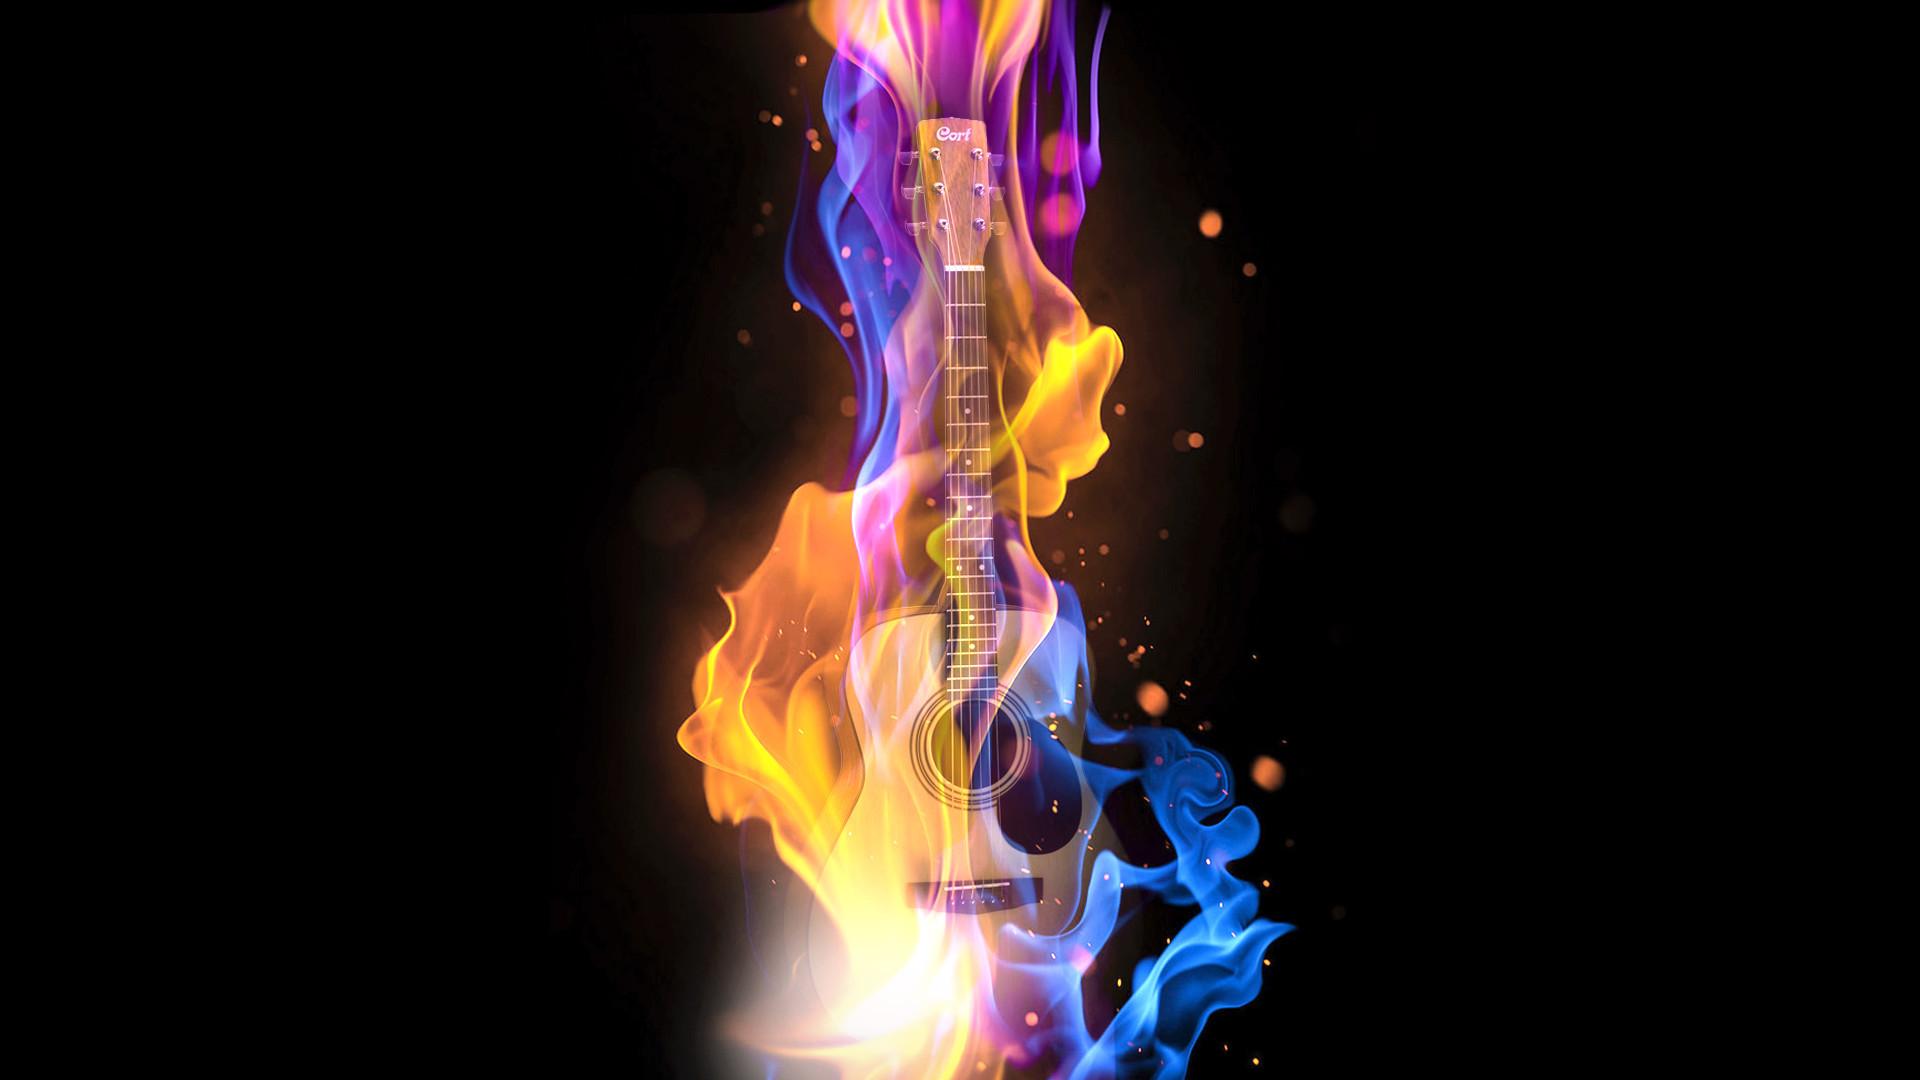 MUSIC ABSTRACT GUITAR FIRE DIGITAL ART DESKTOP BACKGROUND .